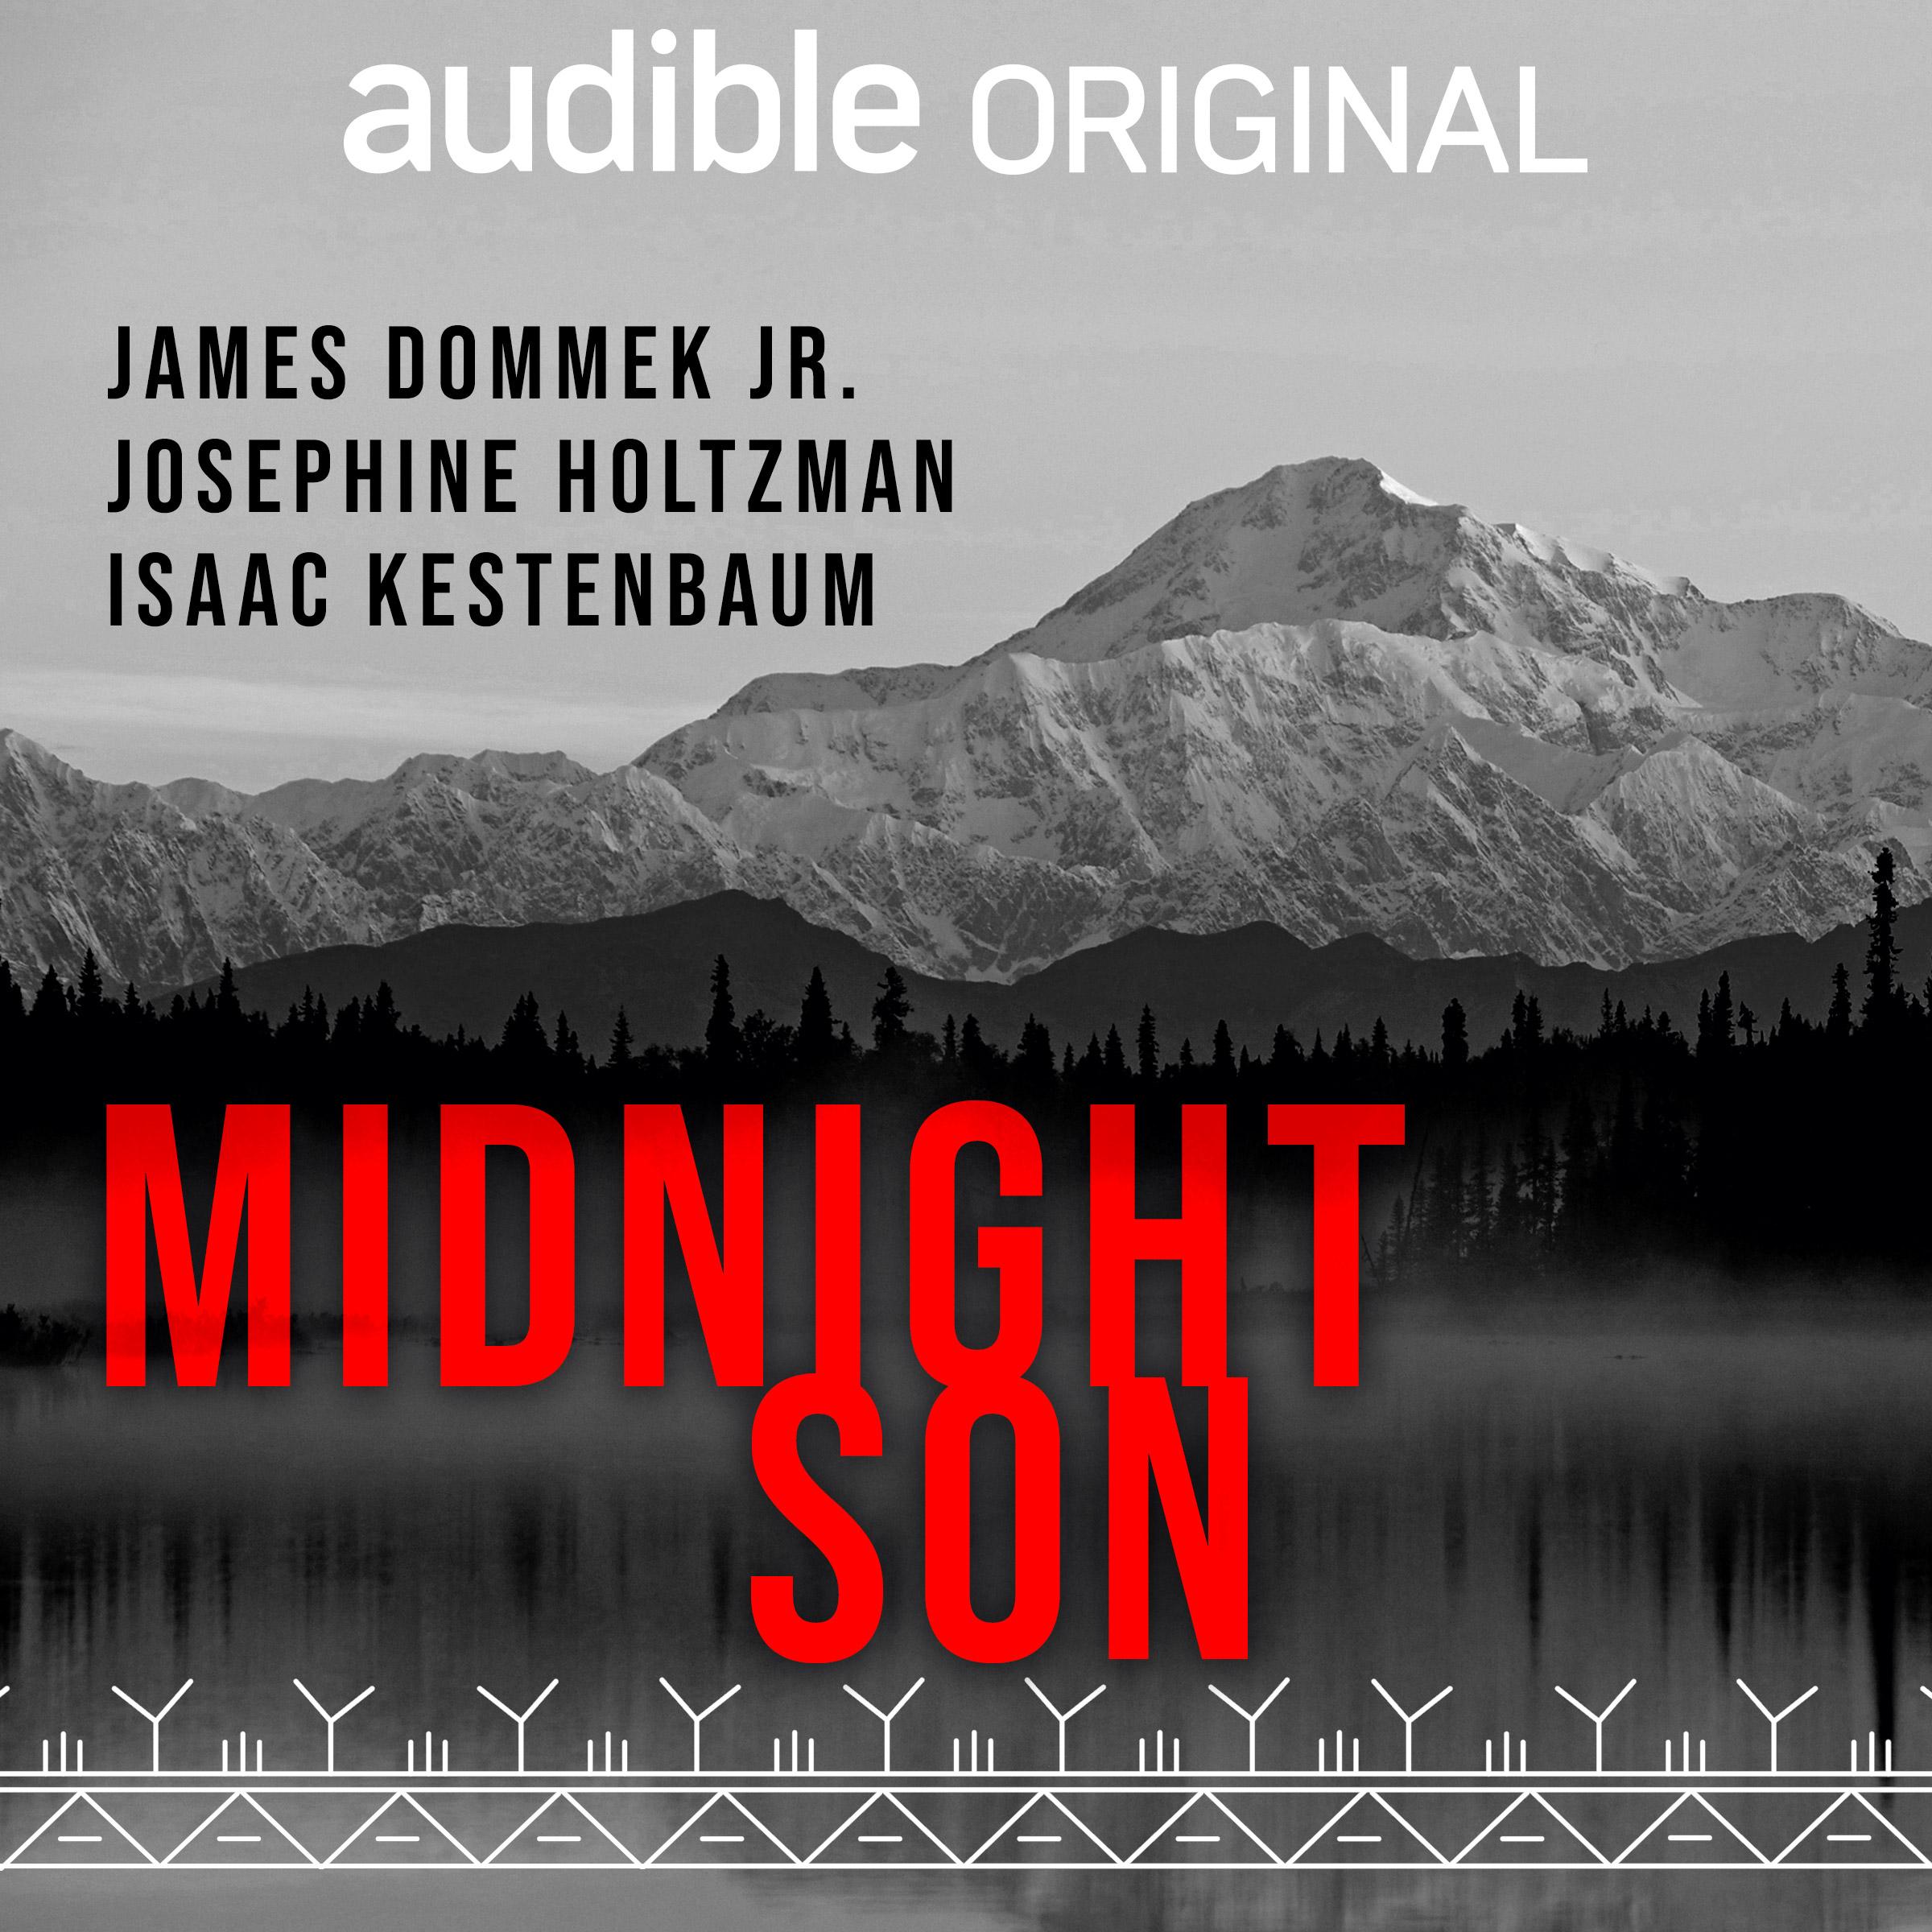 Midnight_Son[6].jpg